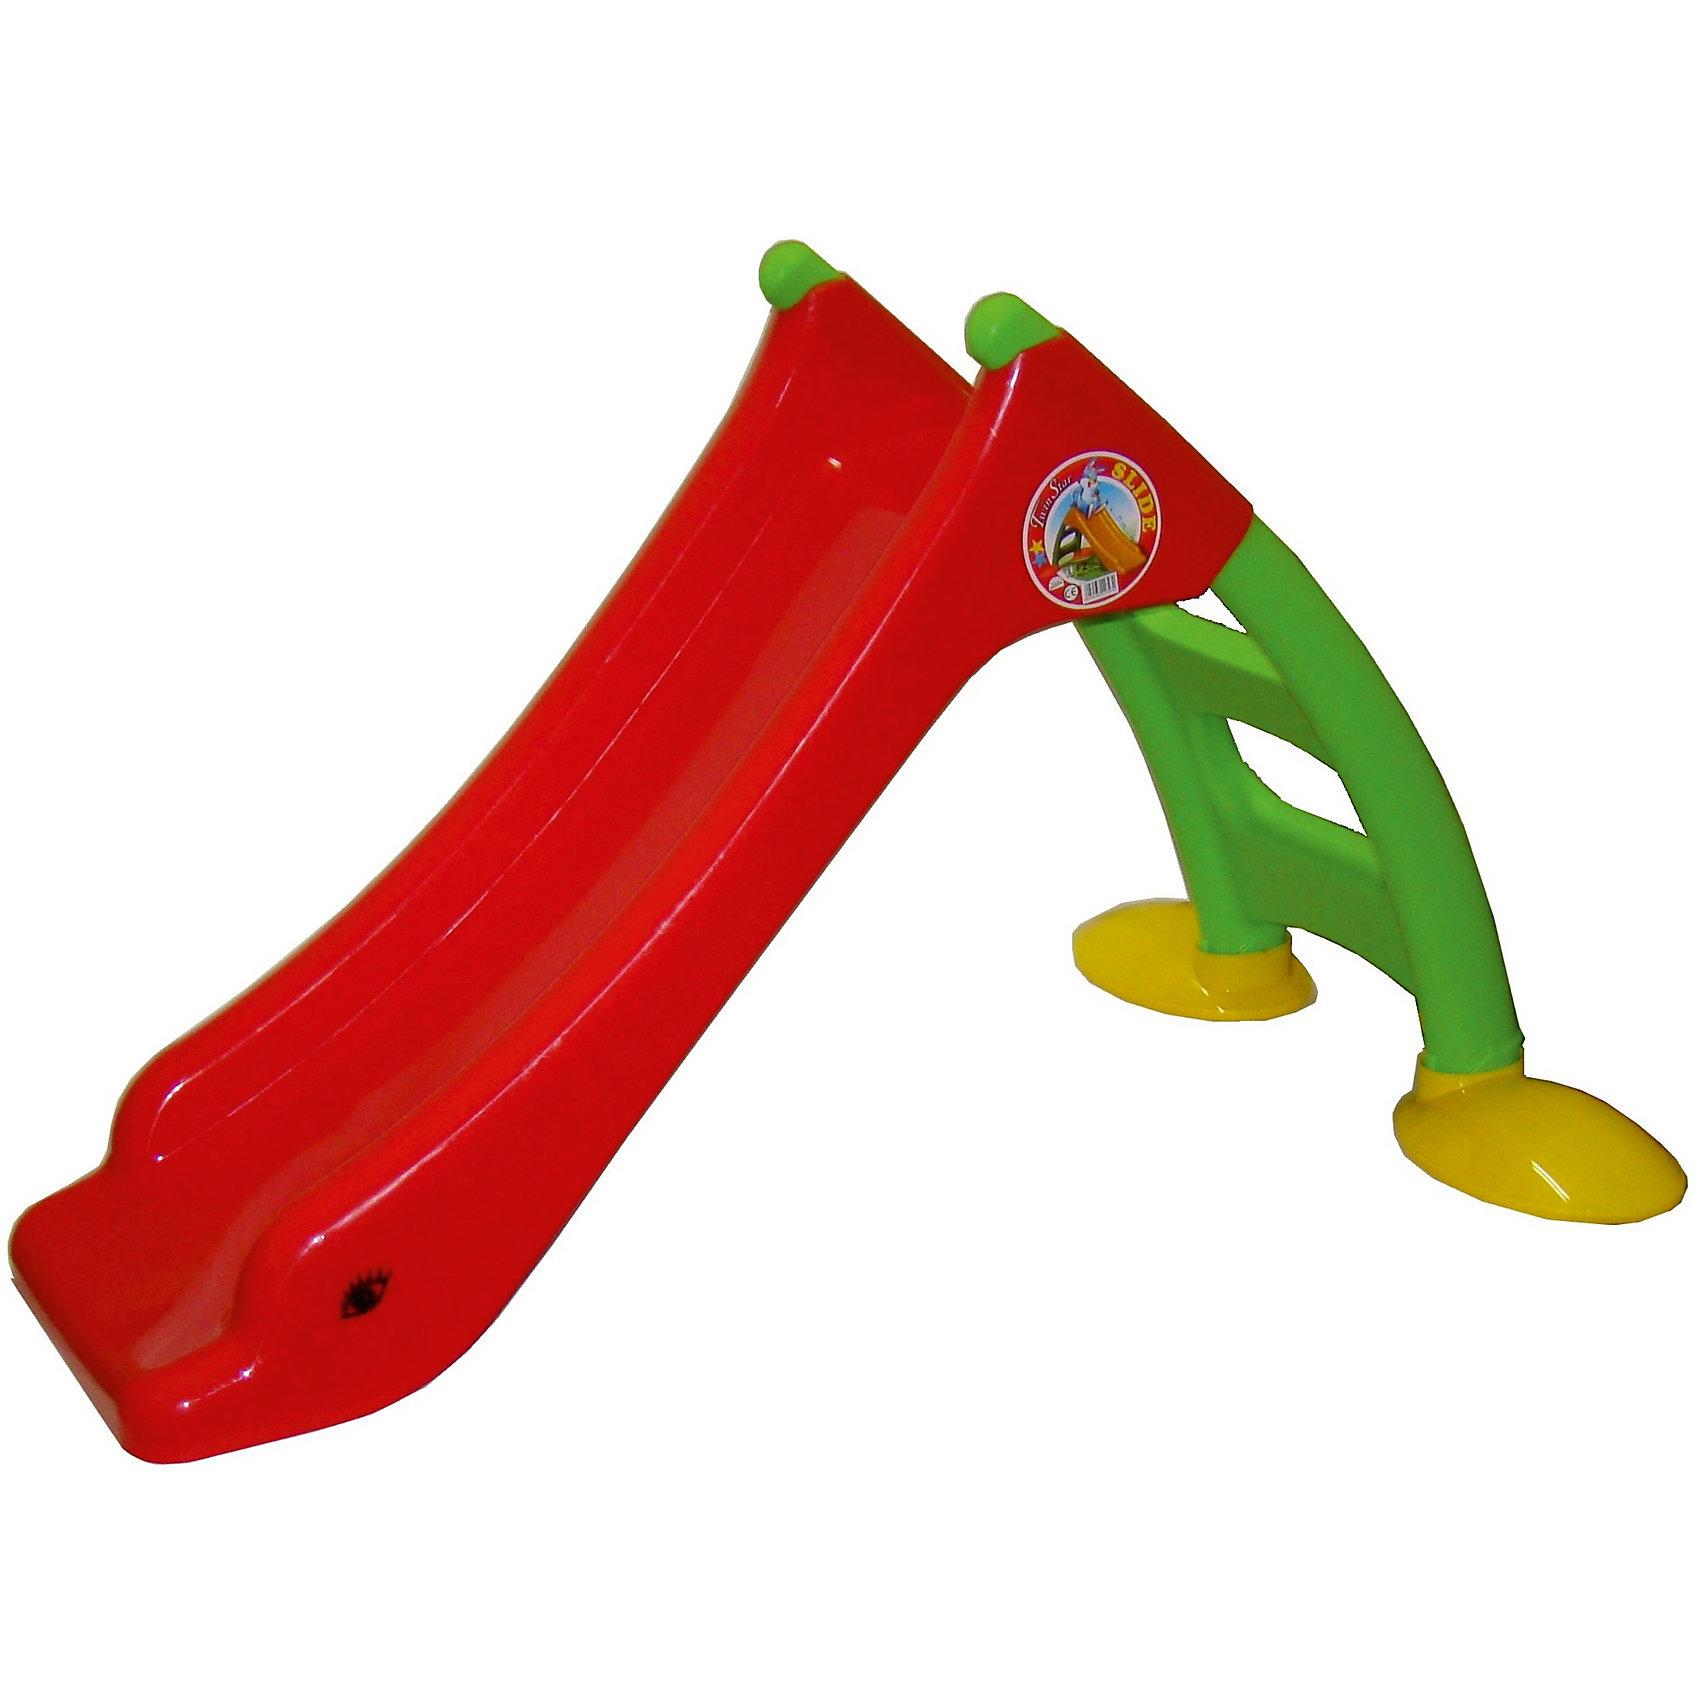 Горка малая, MacyszynГорки<br>Горка малая, Macyszyn.<br><br>Характеристики:<br><br>• Для детей в возрасте: от 2 лет<br>• Максимальная нагрузка: 20 кг.<br>• Длина спуска: 85 см.<br>• Размер: 130х85х76 см.<br>• Материал: пластик<br>• Сборная конструкция<br>• Цвет: красный, зеленый, желтый<br>• Размер упаковки: 41х23х113 см.<br>• Вес в упаковке: 5,5 кг.<br><br>Горка Macyszyn - мечта любого ребенка. С помощью такой горки можно создать веселый детский уголок в комнате. Горка компактная, не занимает много места, при этом она очень яркая и украсит собой интерьер комнаты малыша. Малыши будут легко подниматься на горку по лестнице с безопасными нескользящими степенями, а затем с задорными улыбками катиться вниз. Спуск у горки широкий, плавный без перепадов, с достаточно высокими бортиками для безопасности. Основание горки широкое и устойчивое, не скользит. Горка изготовлена из высококачественного пластика, что гарантирует длительный срок эксплуатации. Она не деформируется от перепада температур, поэтому может использоваться на улице. Горка легко собирается, фиксируется пластиковыми заглушками, дополнительный инструмент не требуется. При установке горки не требуется дополнительных креплений. Горка компактна в сложенном виде для хранения и транспортировки. Изделие полностью соответствует европейским нормам качества и безопасности.<br><br>Горку малую, Macyszyn можно купить в нашем интернет-магазине.<br><br>Ширина мм: 1300<br>Глубина мм: 850<br>Высота мм: 760<br>Вес г: 5500<br>Возраст от месяцев: 24<br>Возраст до месяцев: 84<br>Пол: Унисекс<br>Возраст: Детский<br>SKU: 5510728